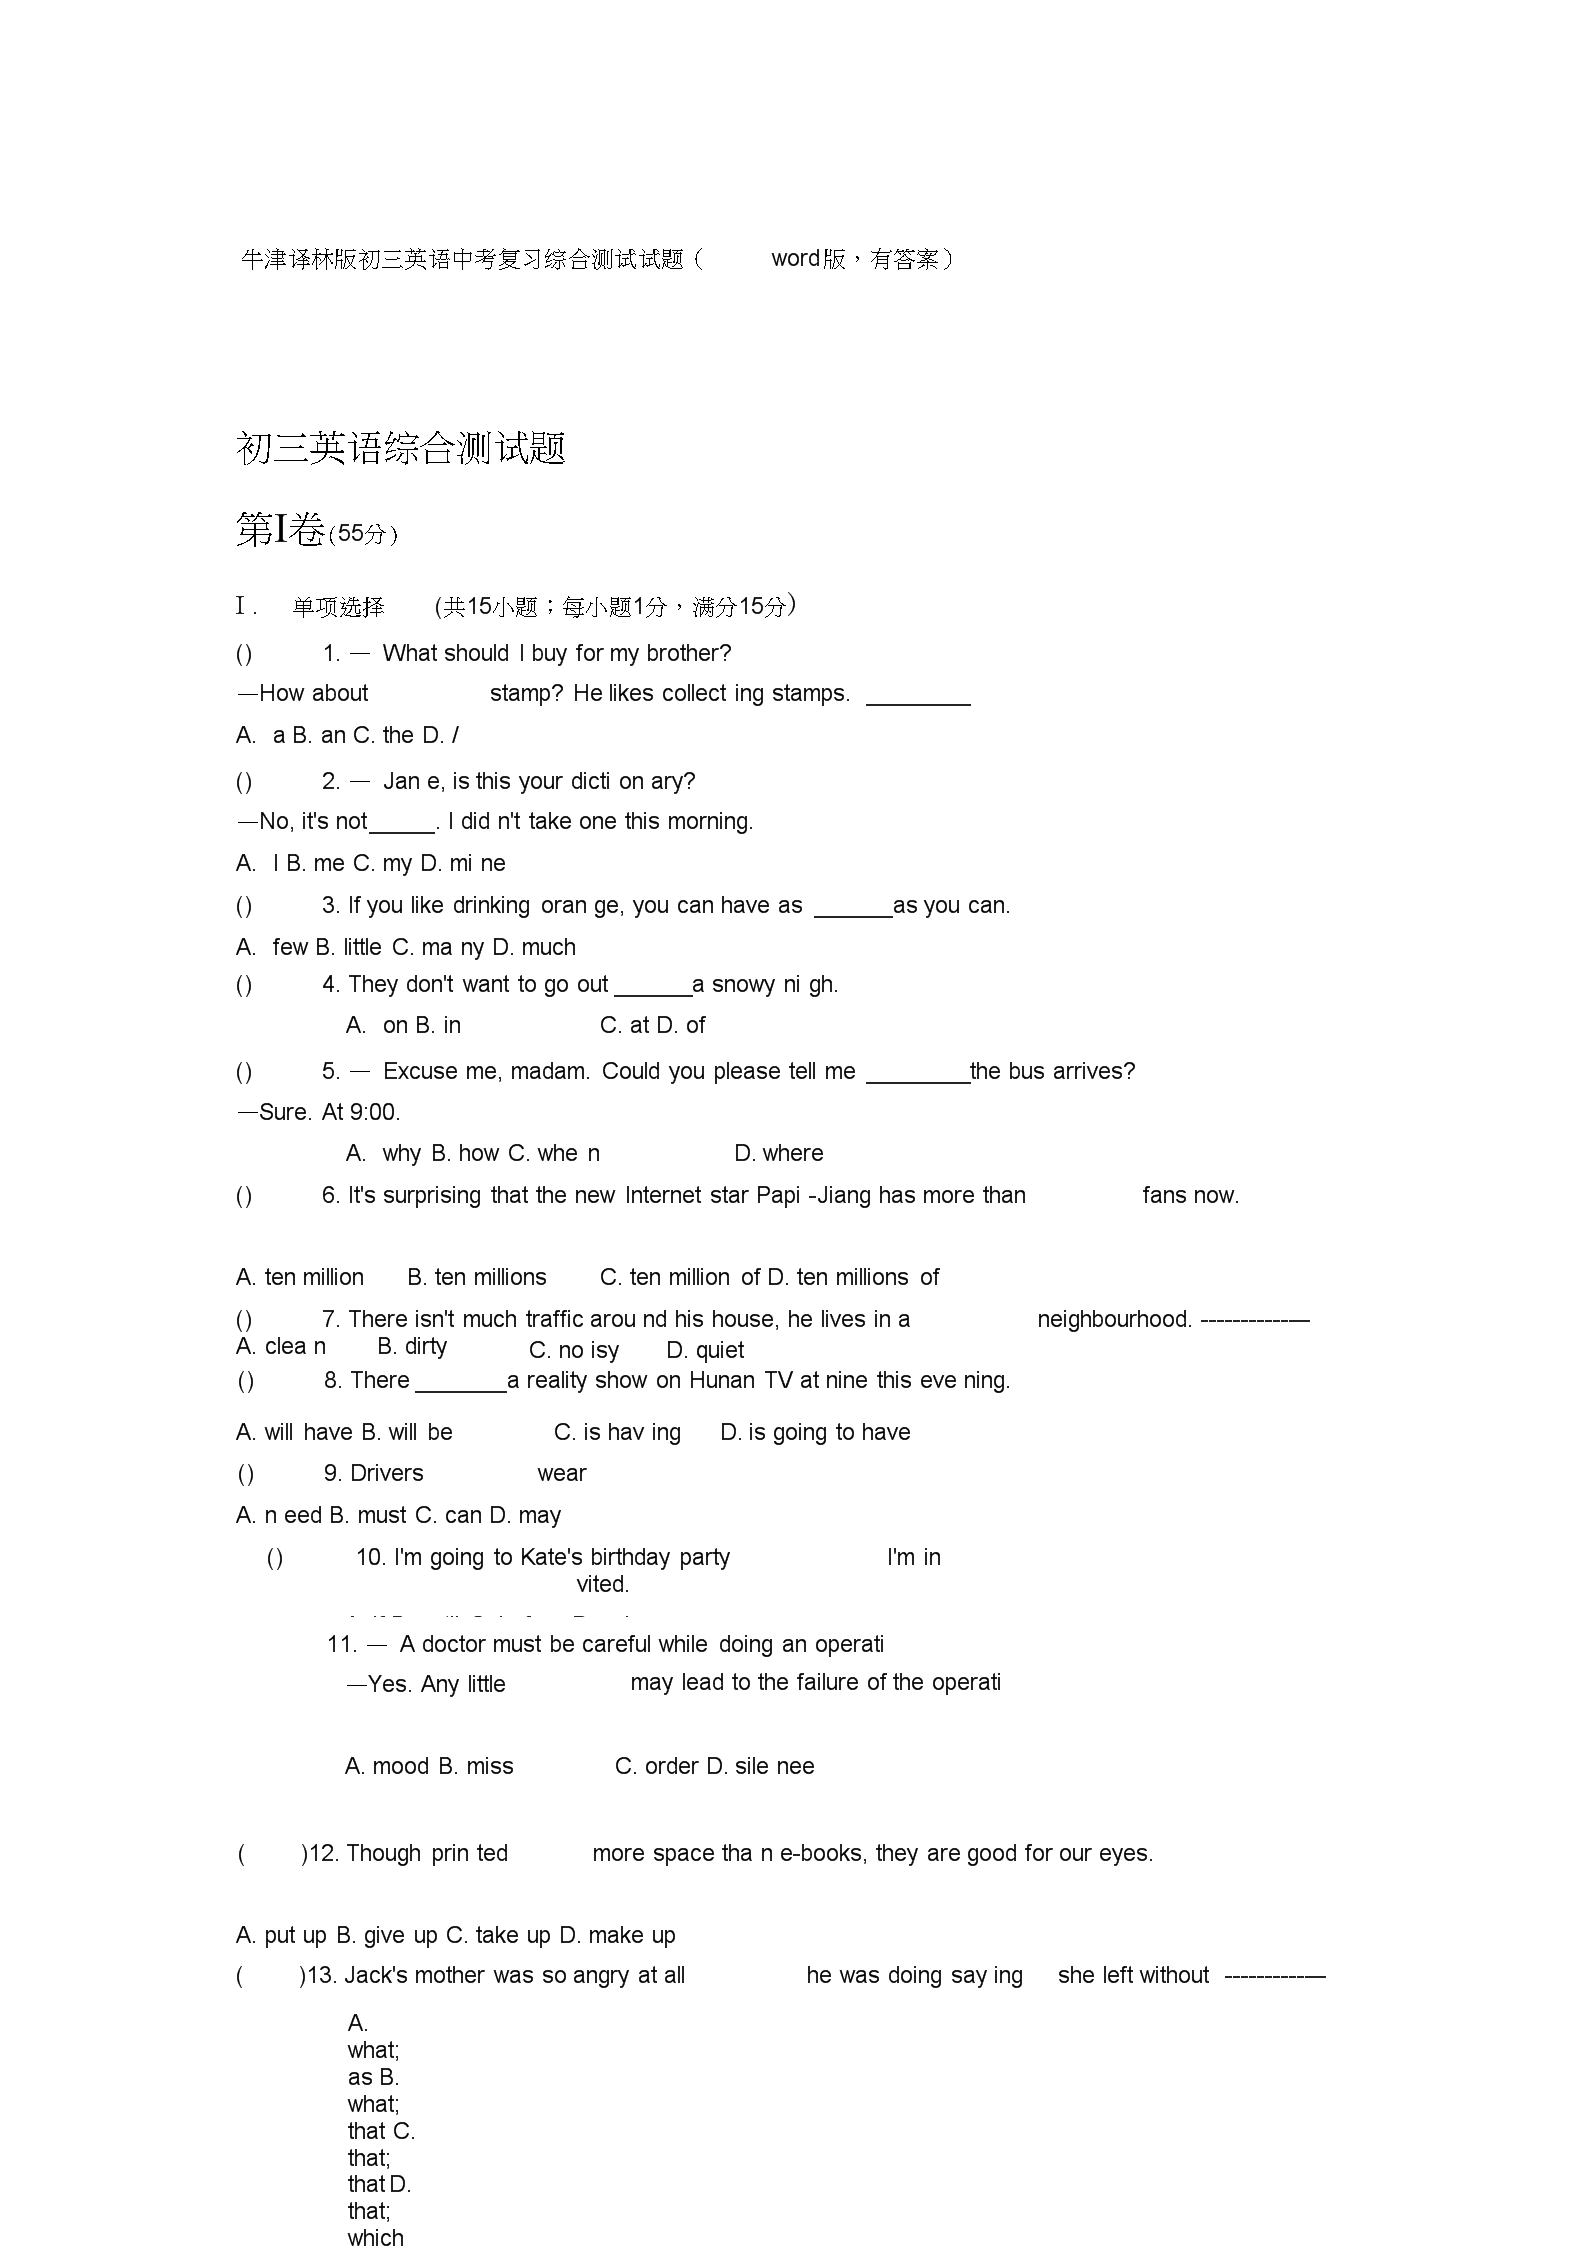 word完整版牛津译林版初三英语中考复习综合测试试题word版.docx